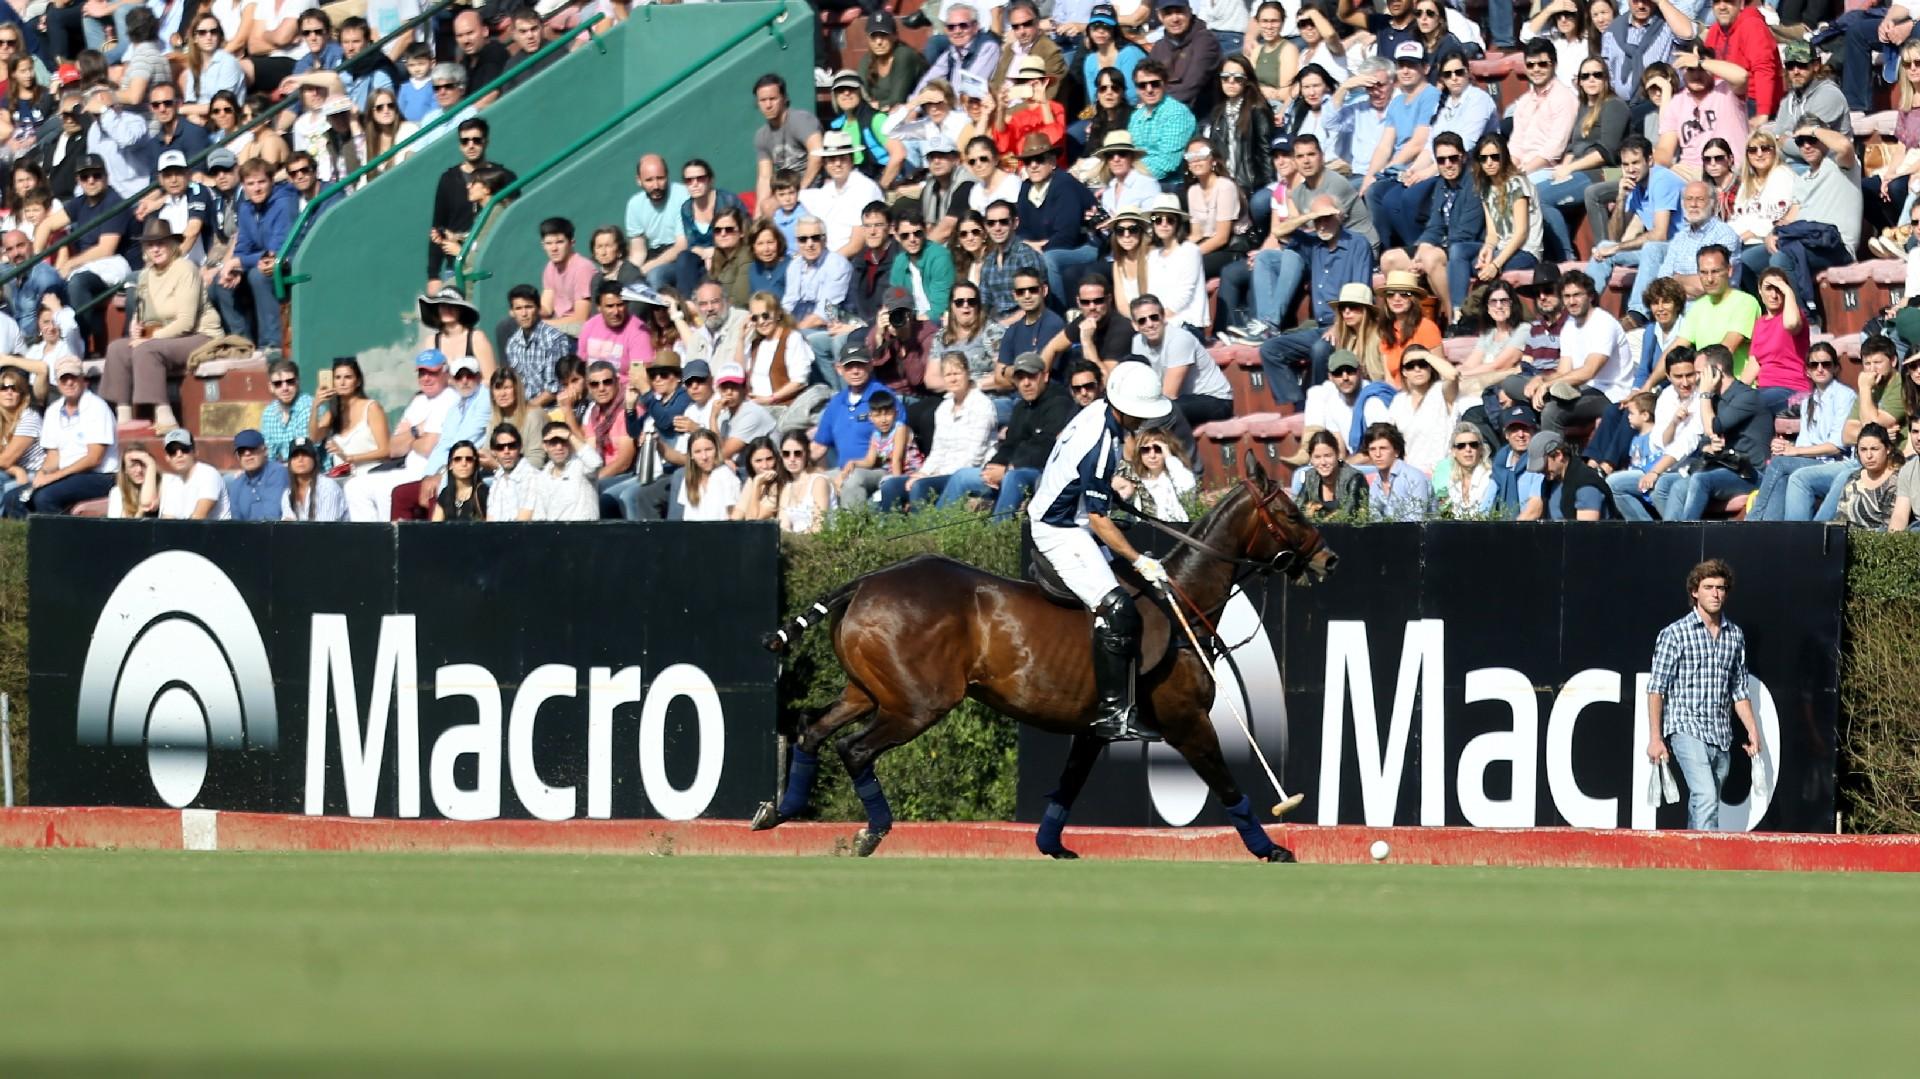 """La emocionante final del """"Abierto de Tortugas Gran Premio Macro"""", que se disputó en la cancha 1 del Campo Argentino de Polo en Palermo"""